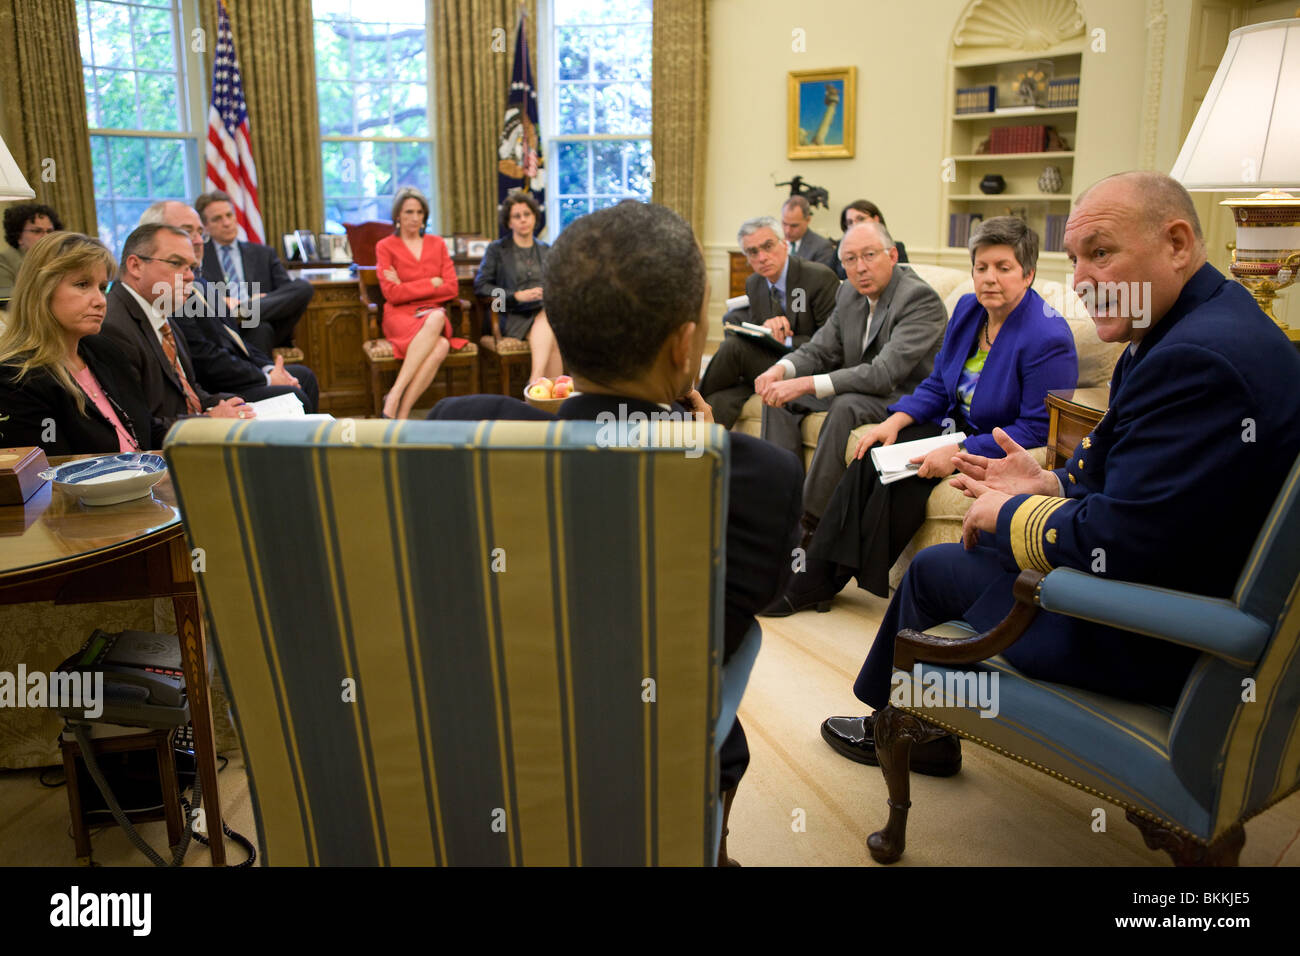 Obama trifft sich mit Admiral Thad W. Allen, Kommandant der United States Coast Guard und andere Regierungsbeamte Stockfoto